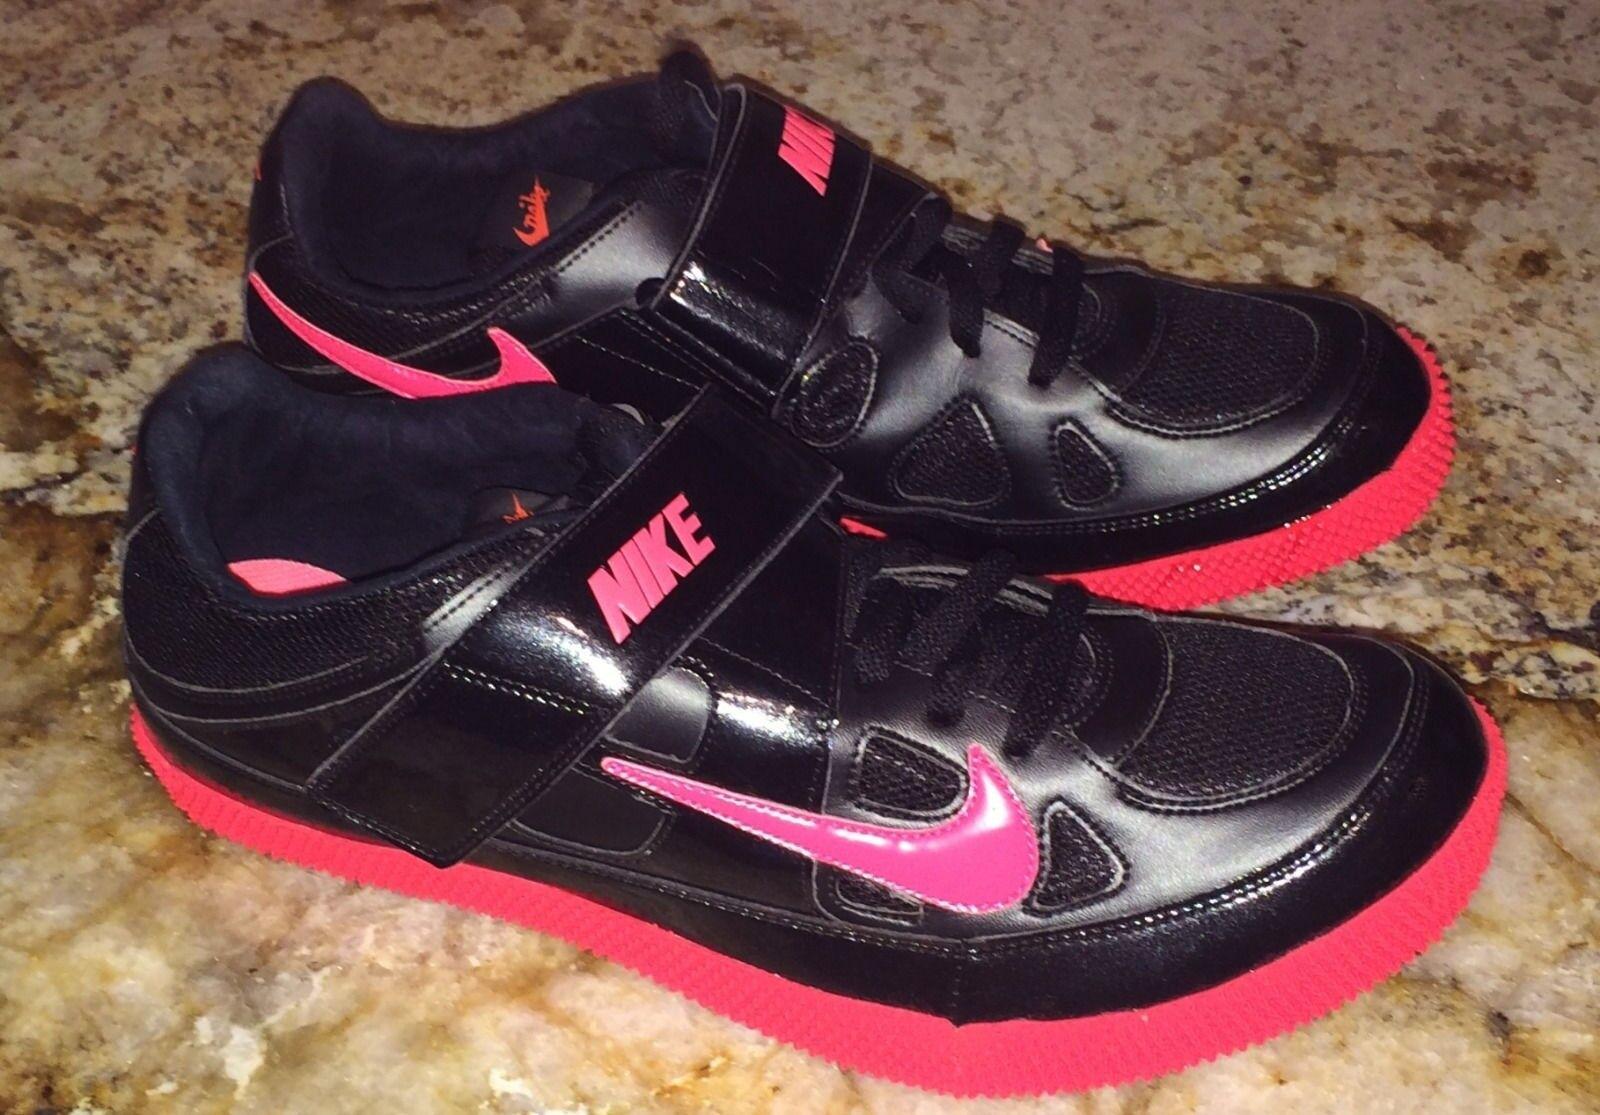 Nike hj iii di salto in alto di colore rosso che salta campo scarpe Uomo 15 atomica